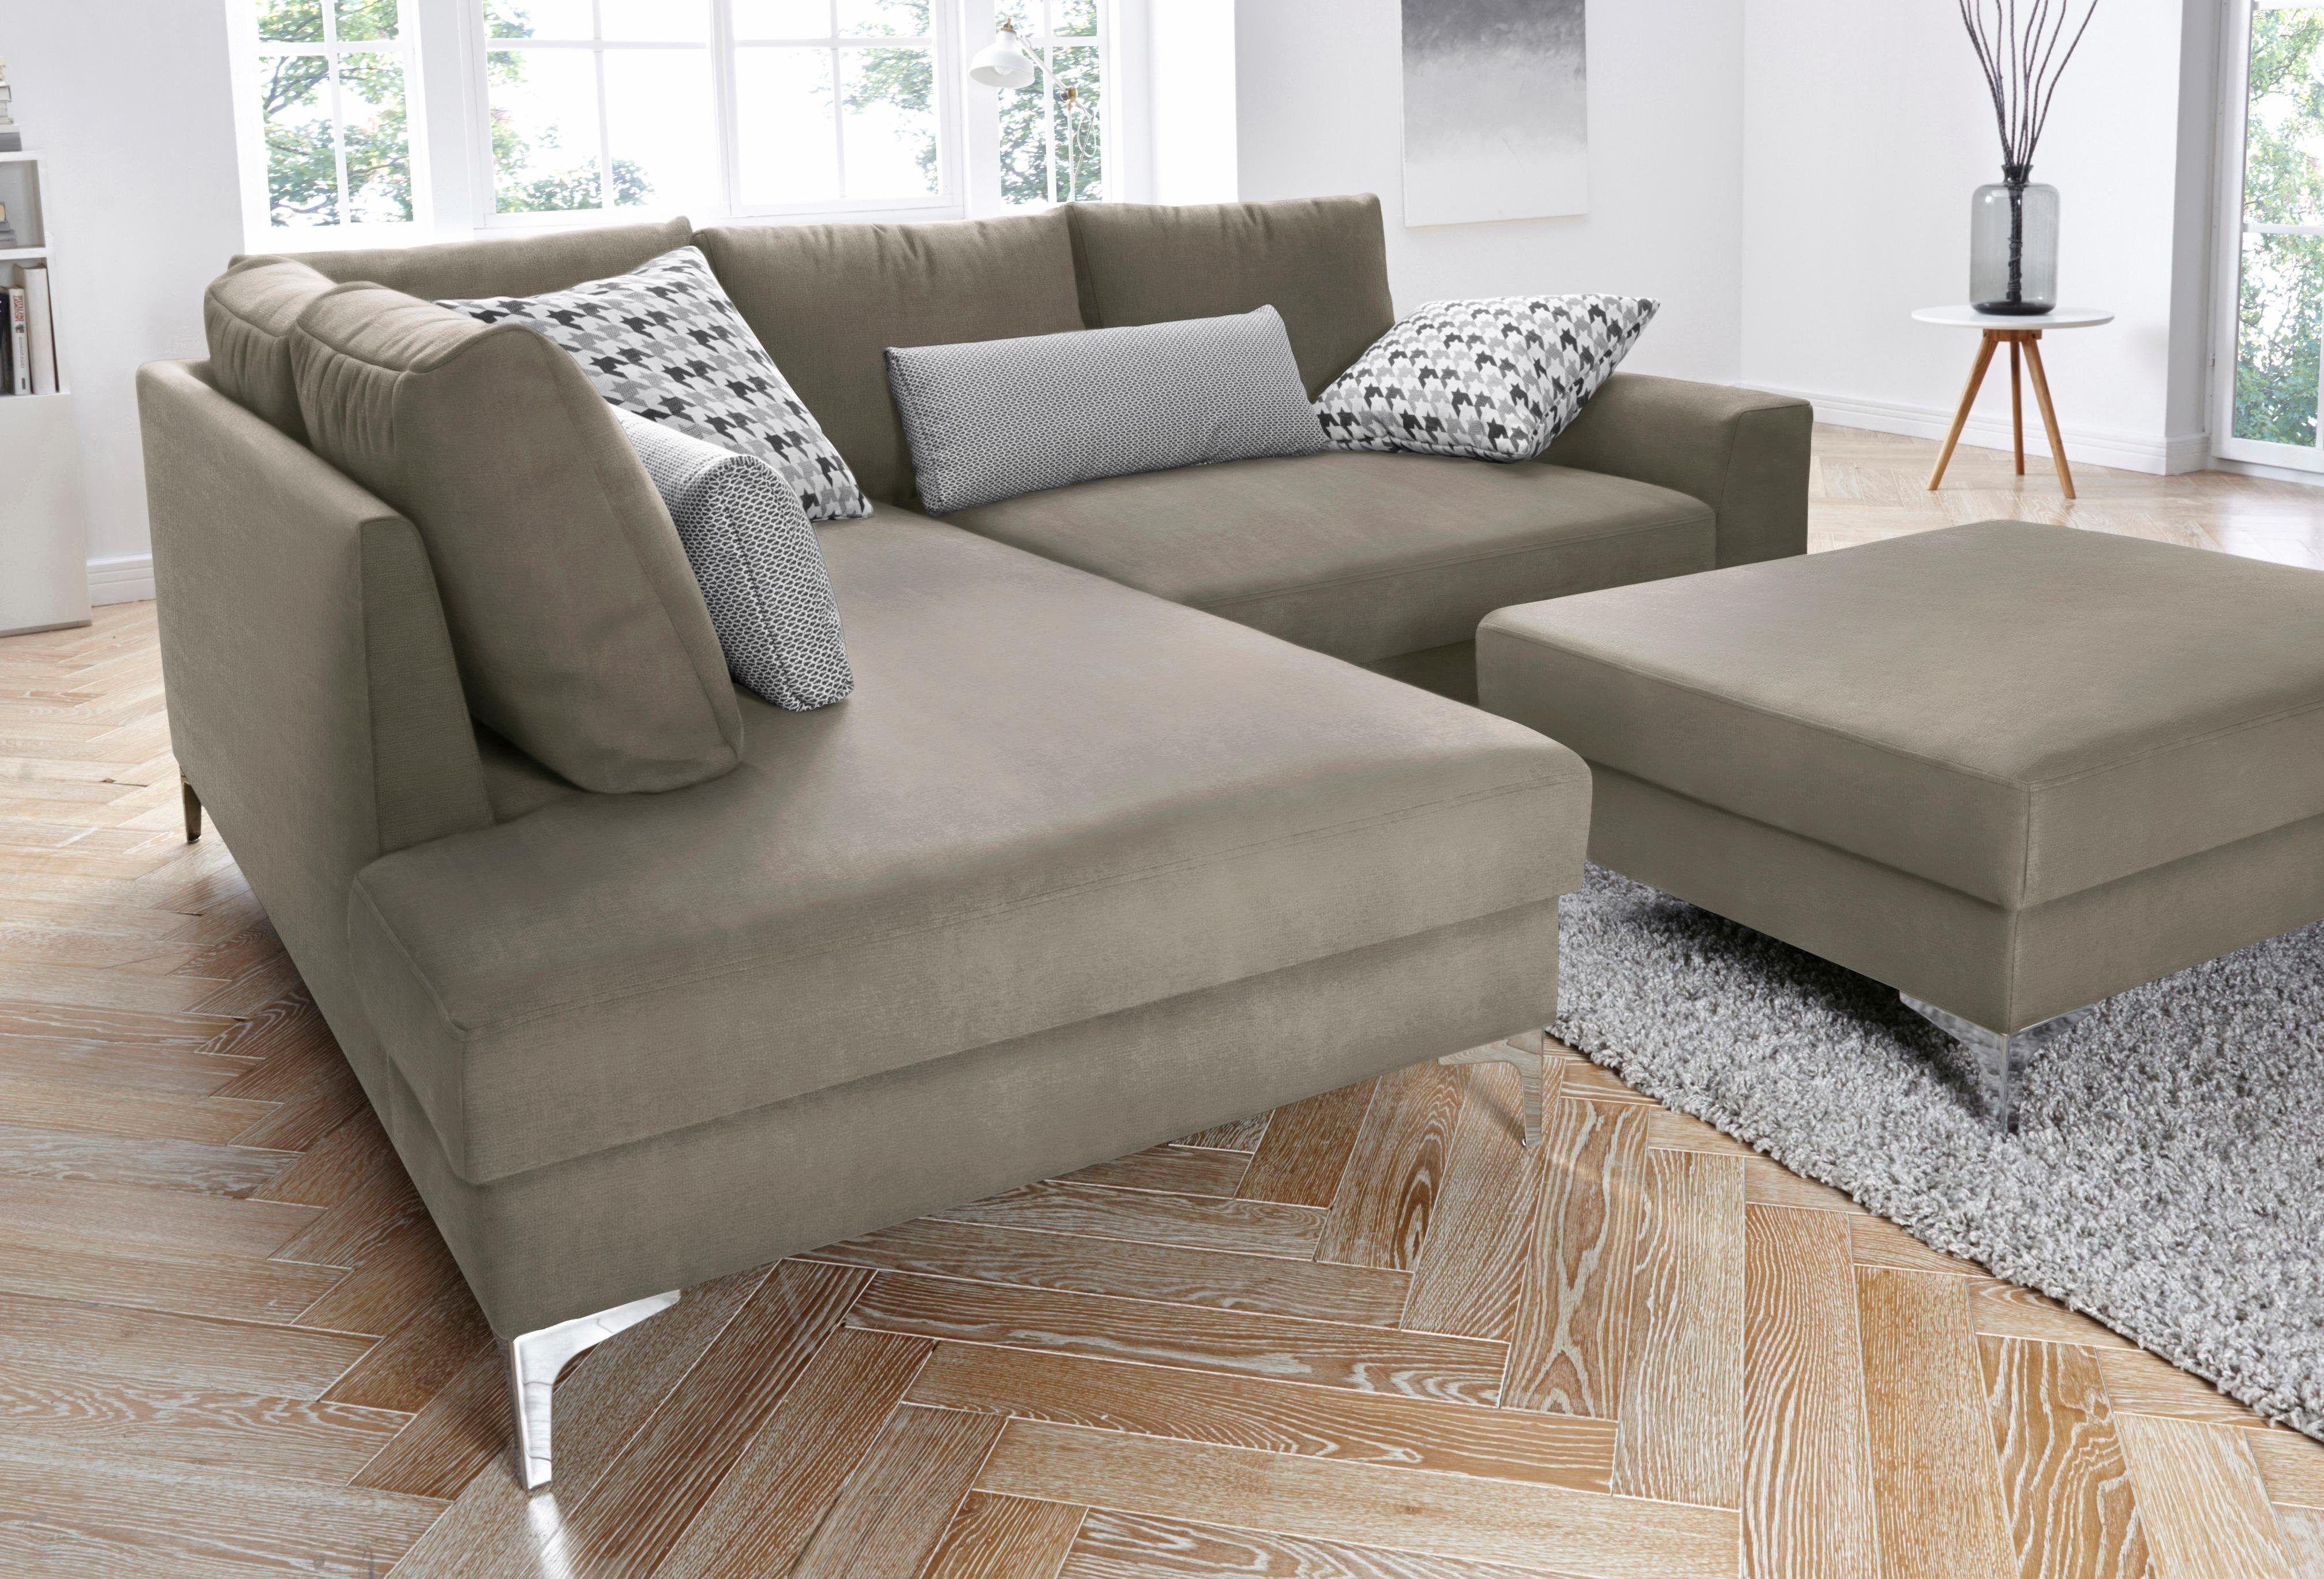 Big Sofa Weich Gallery Of Big Sofa Xxl Riesen Sofa Beautiful Pelle